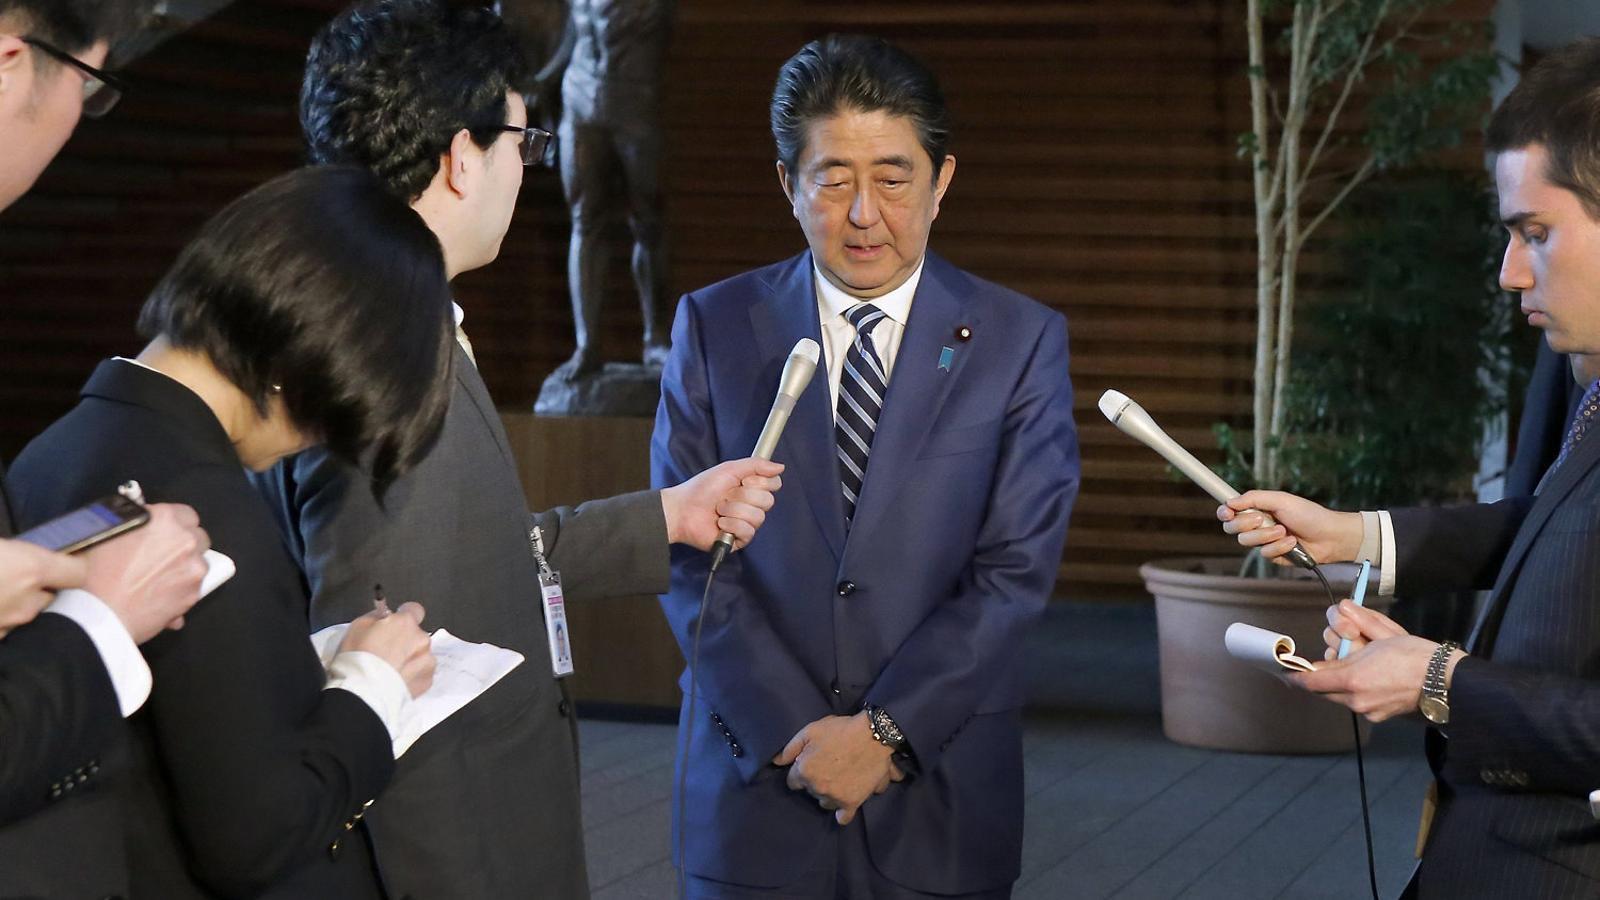 El primer ministre Shinzo Abe responent a les preguntes sobre l'escàndol de suposats favoritismes, ahir a Tòquio.